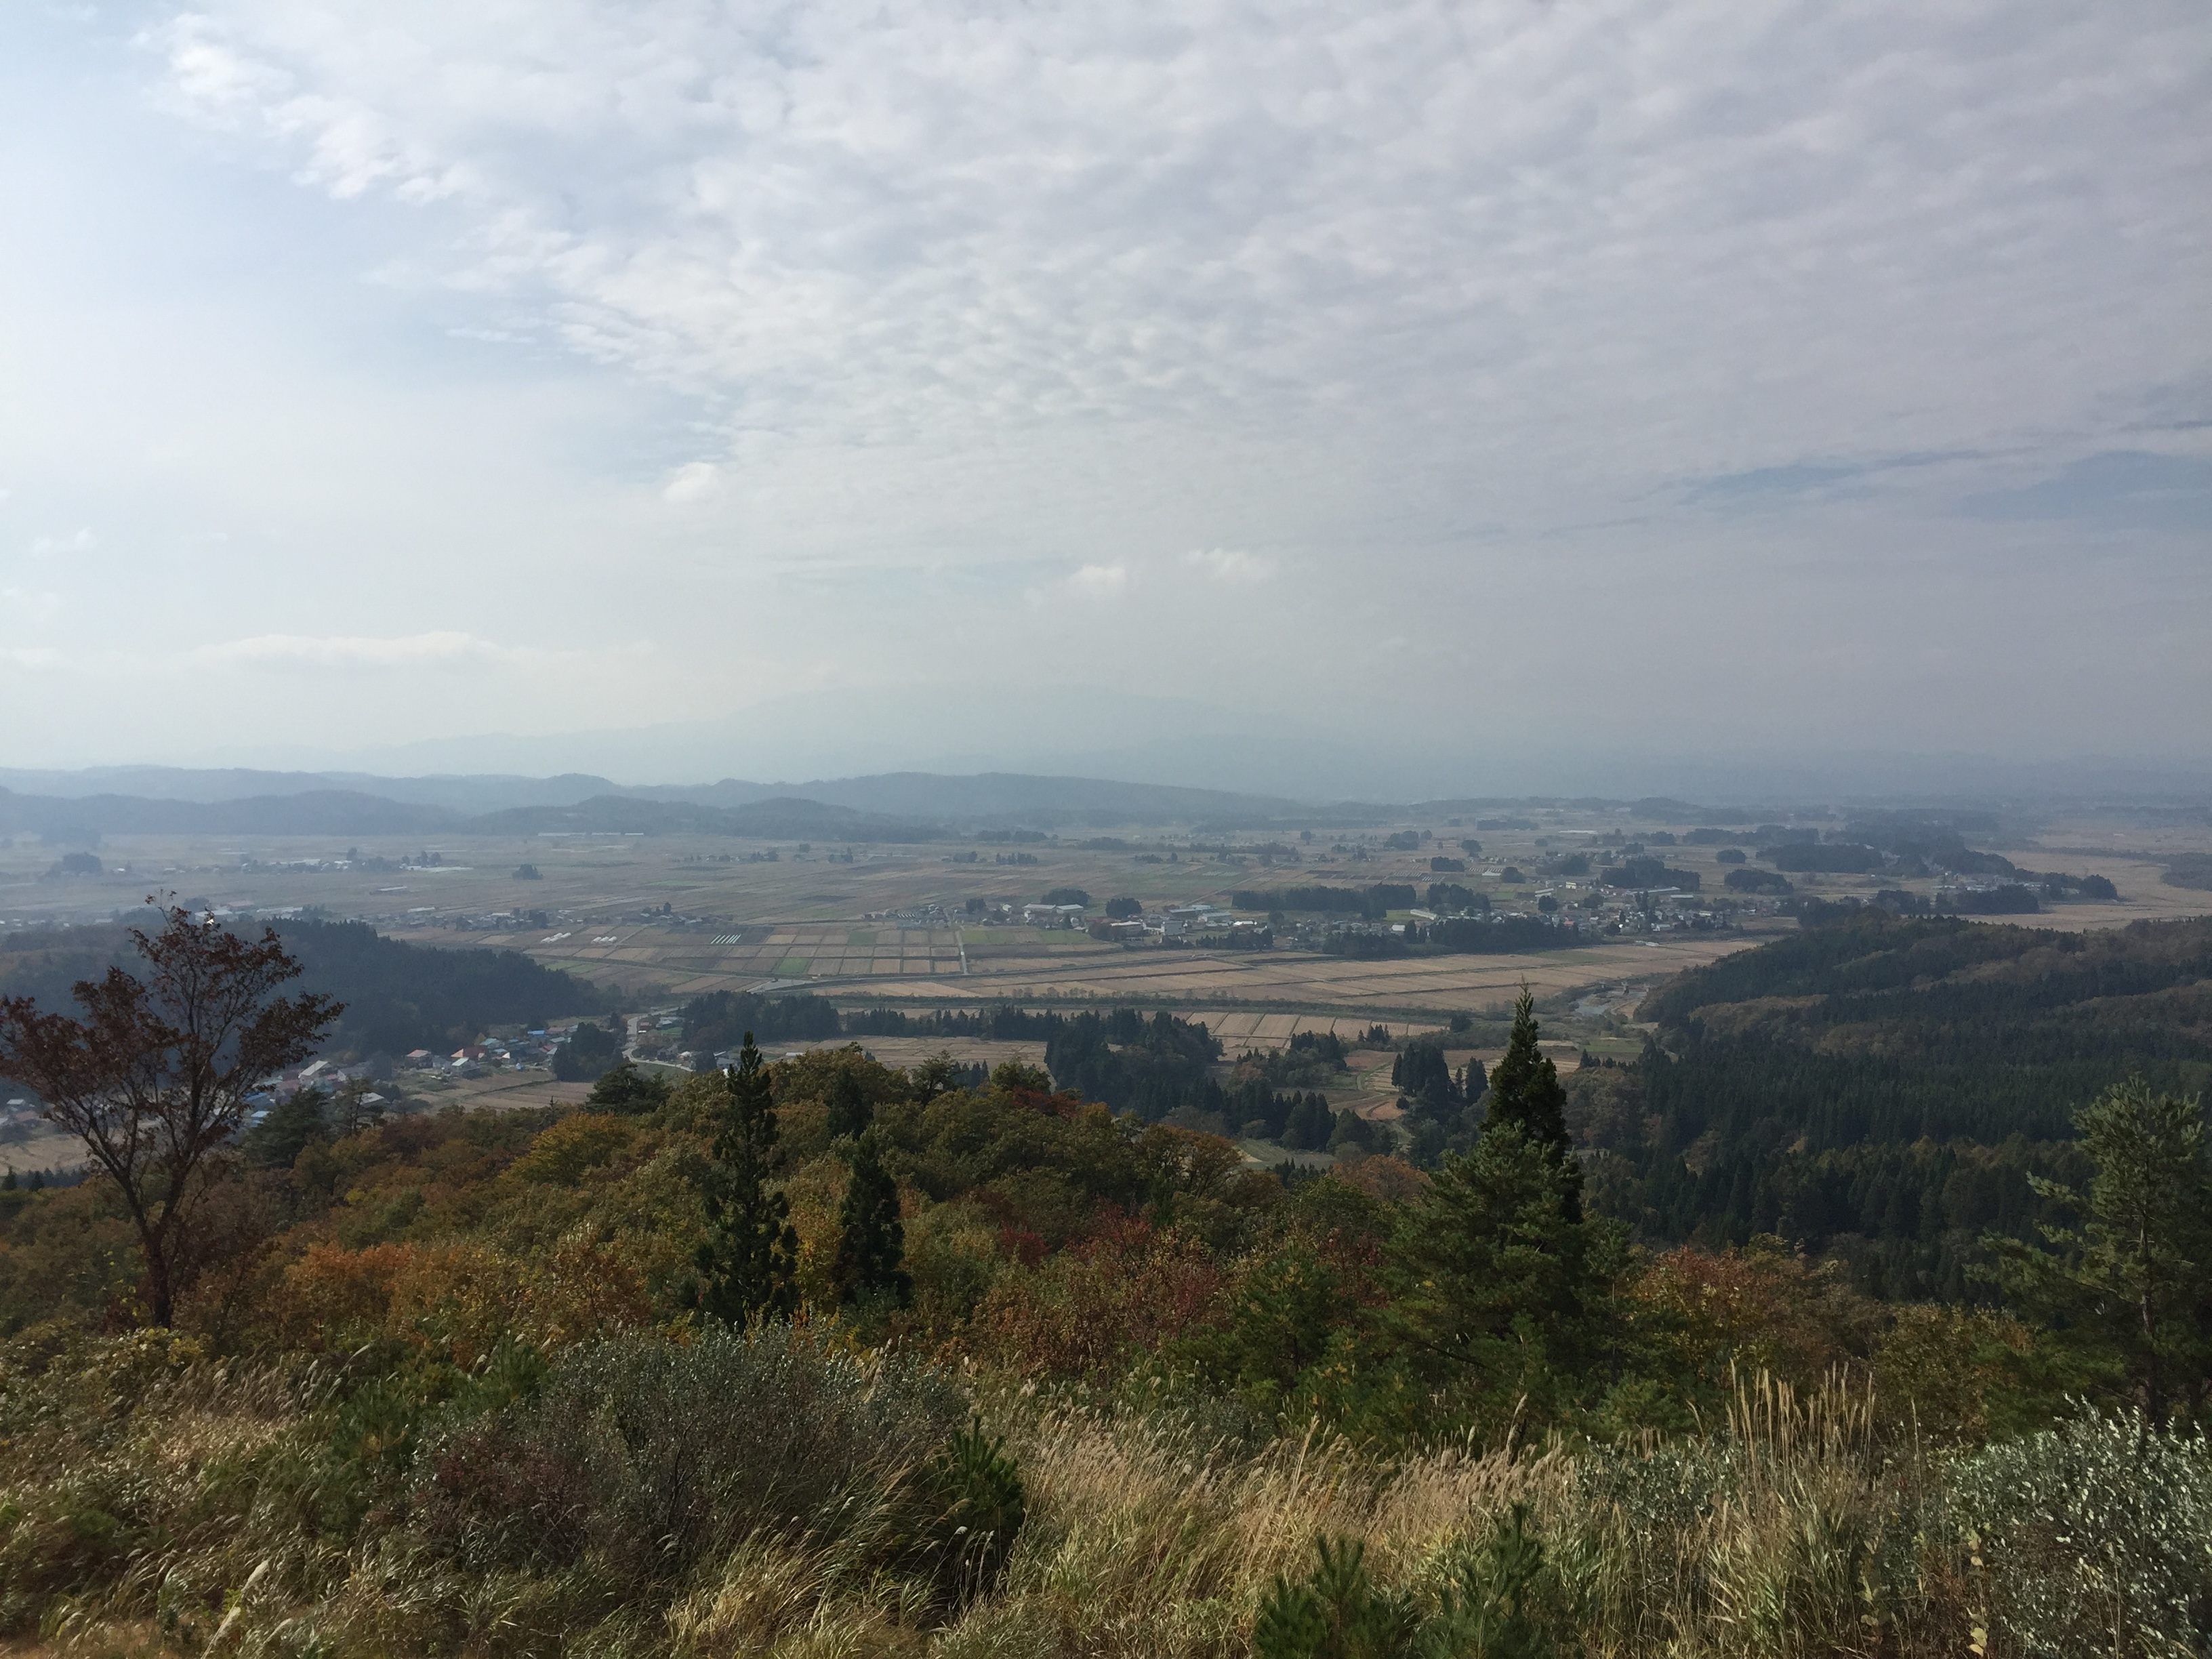 二ツ森 山形百名山 見晴らし台